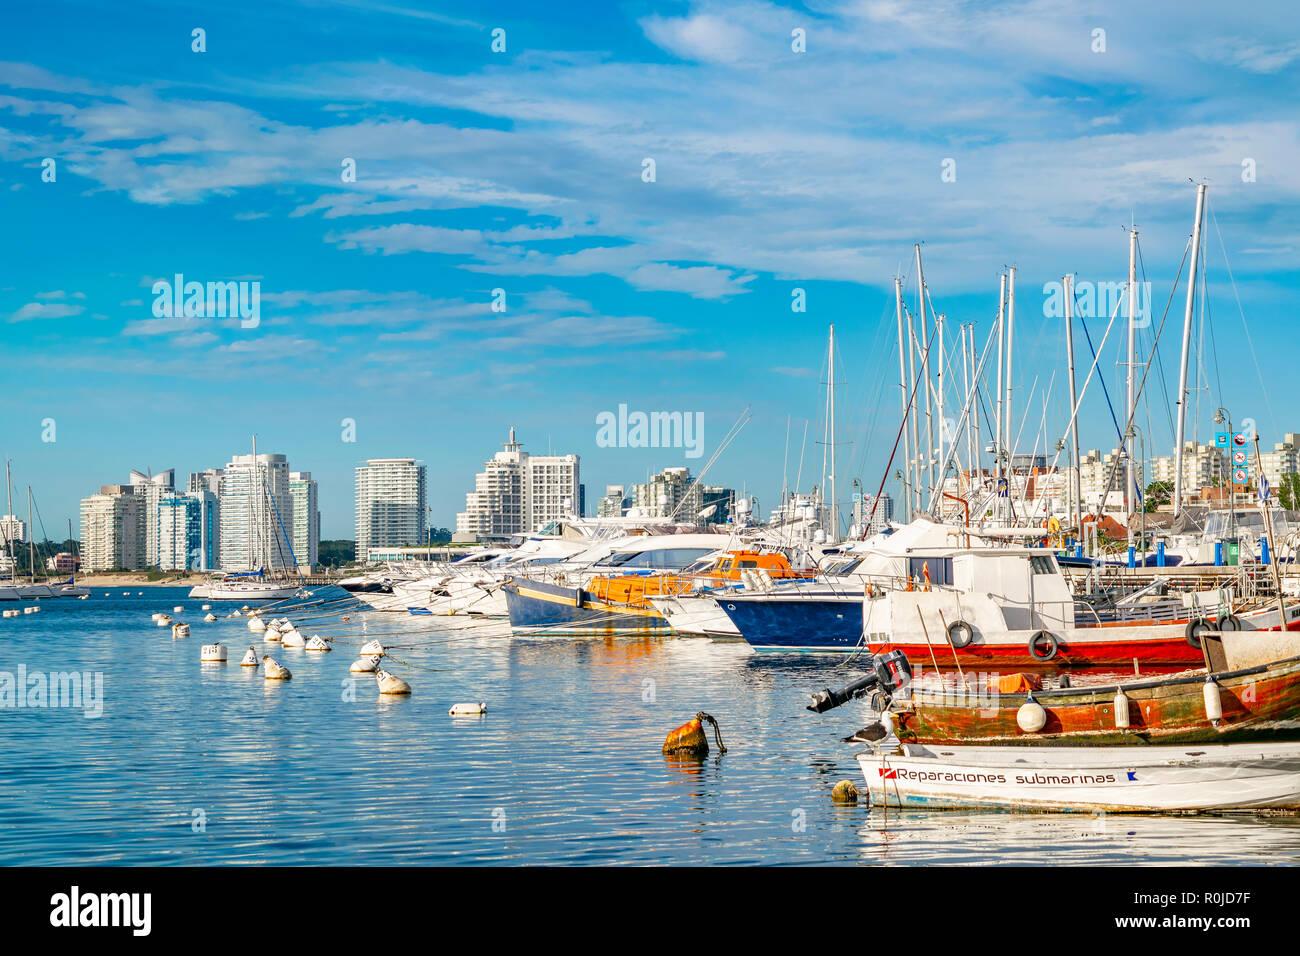 PUNTA DEL ESTE, URUGUAY, OCTOBER - 2018 - Boats parked at port in punta del este city, Uruguay - Stock Image